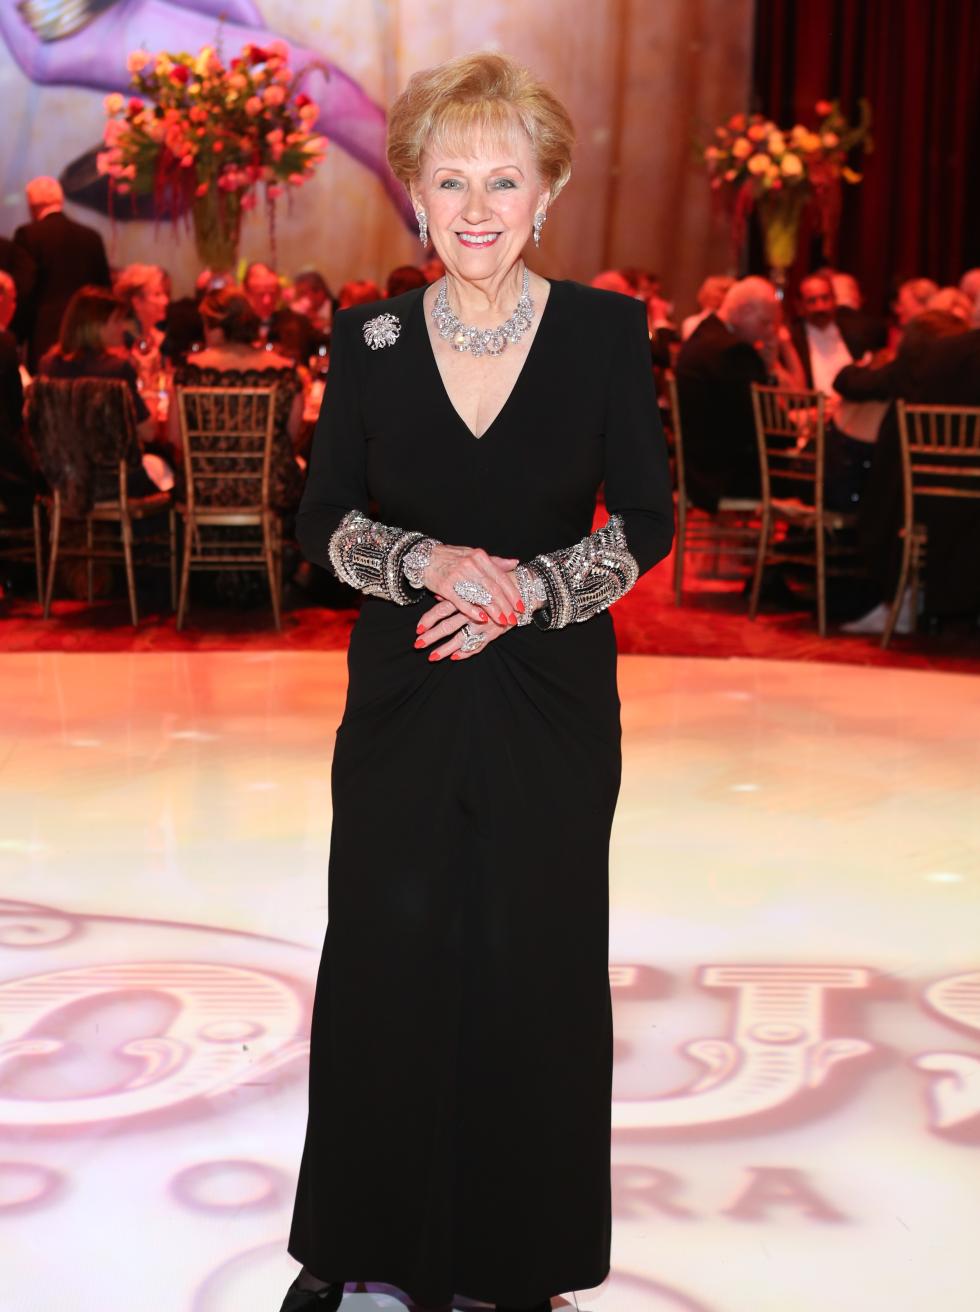 Houston, Opera Ball Gowns, April 2016, Marguerite Swartz in Alexander McQueen